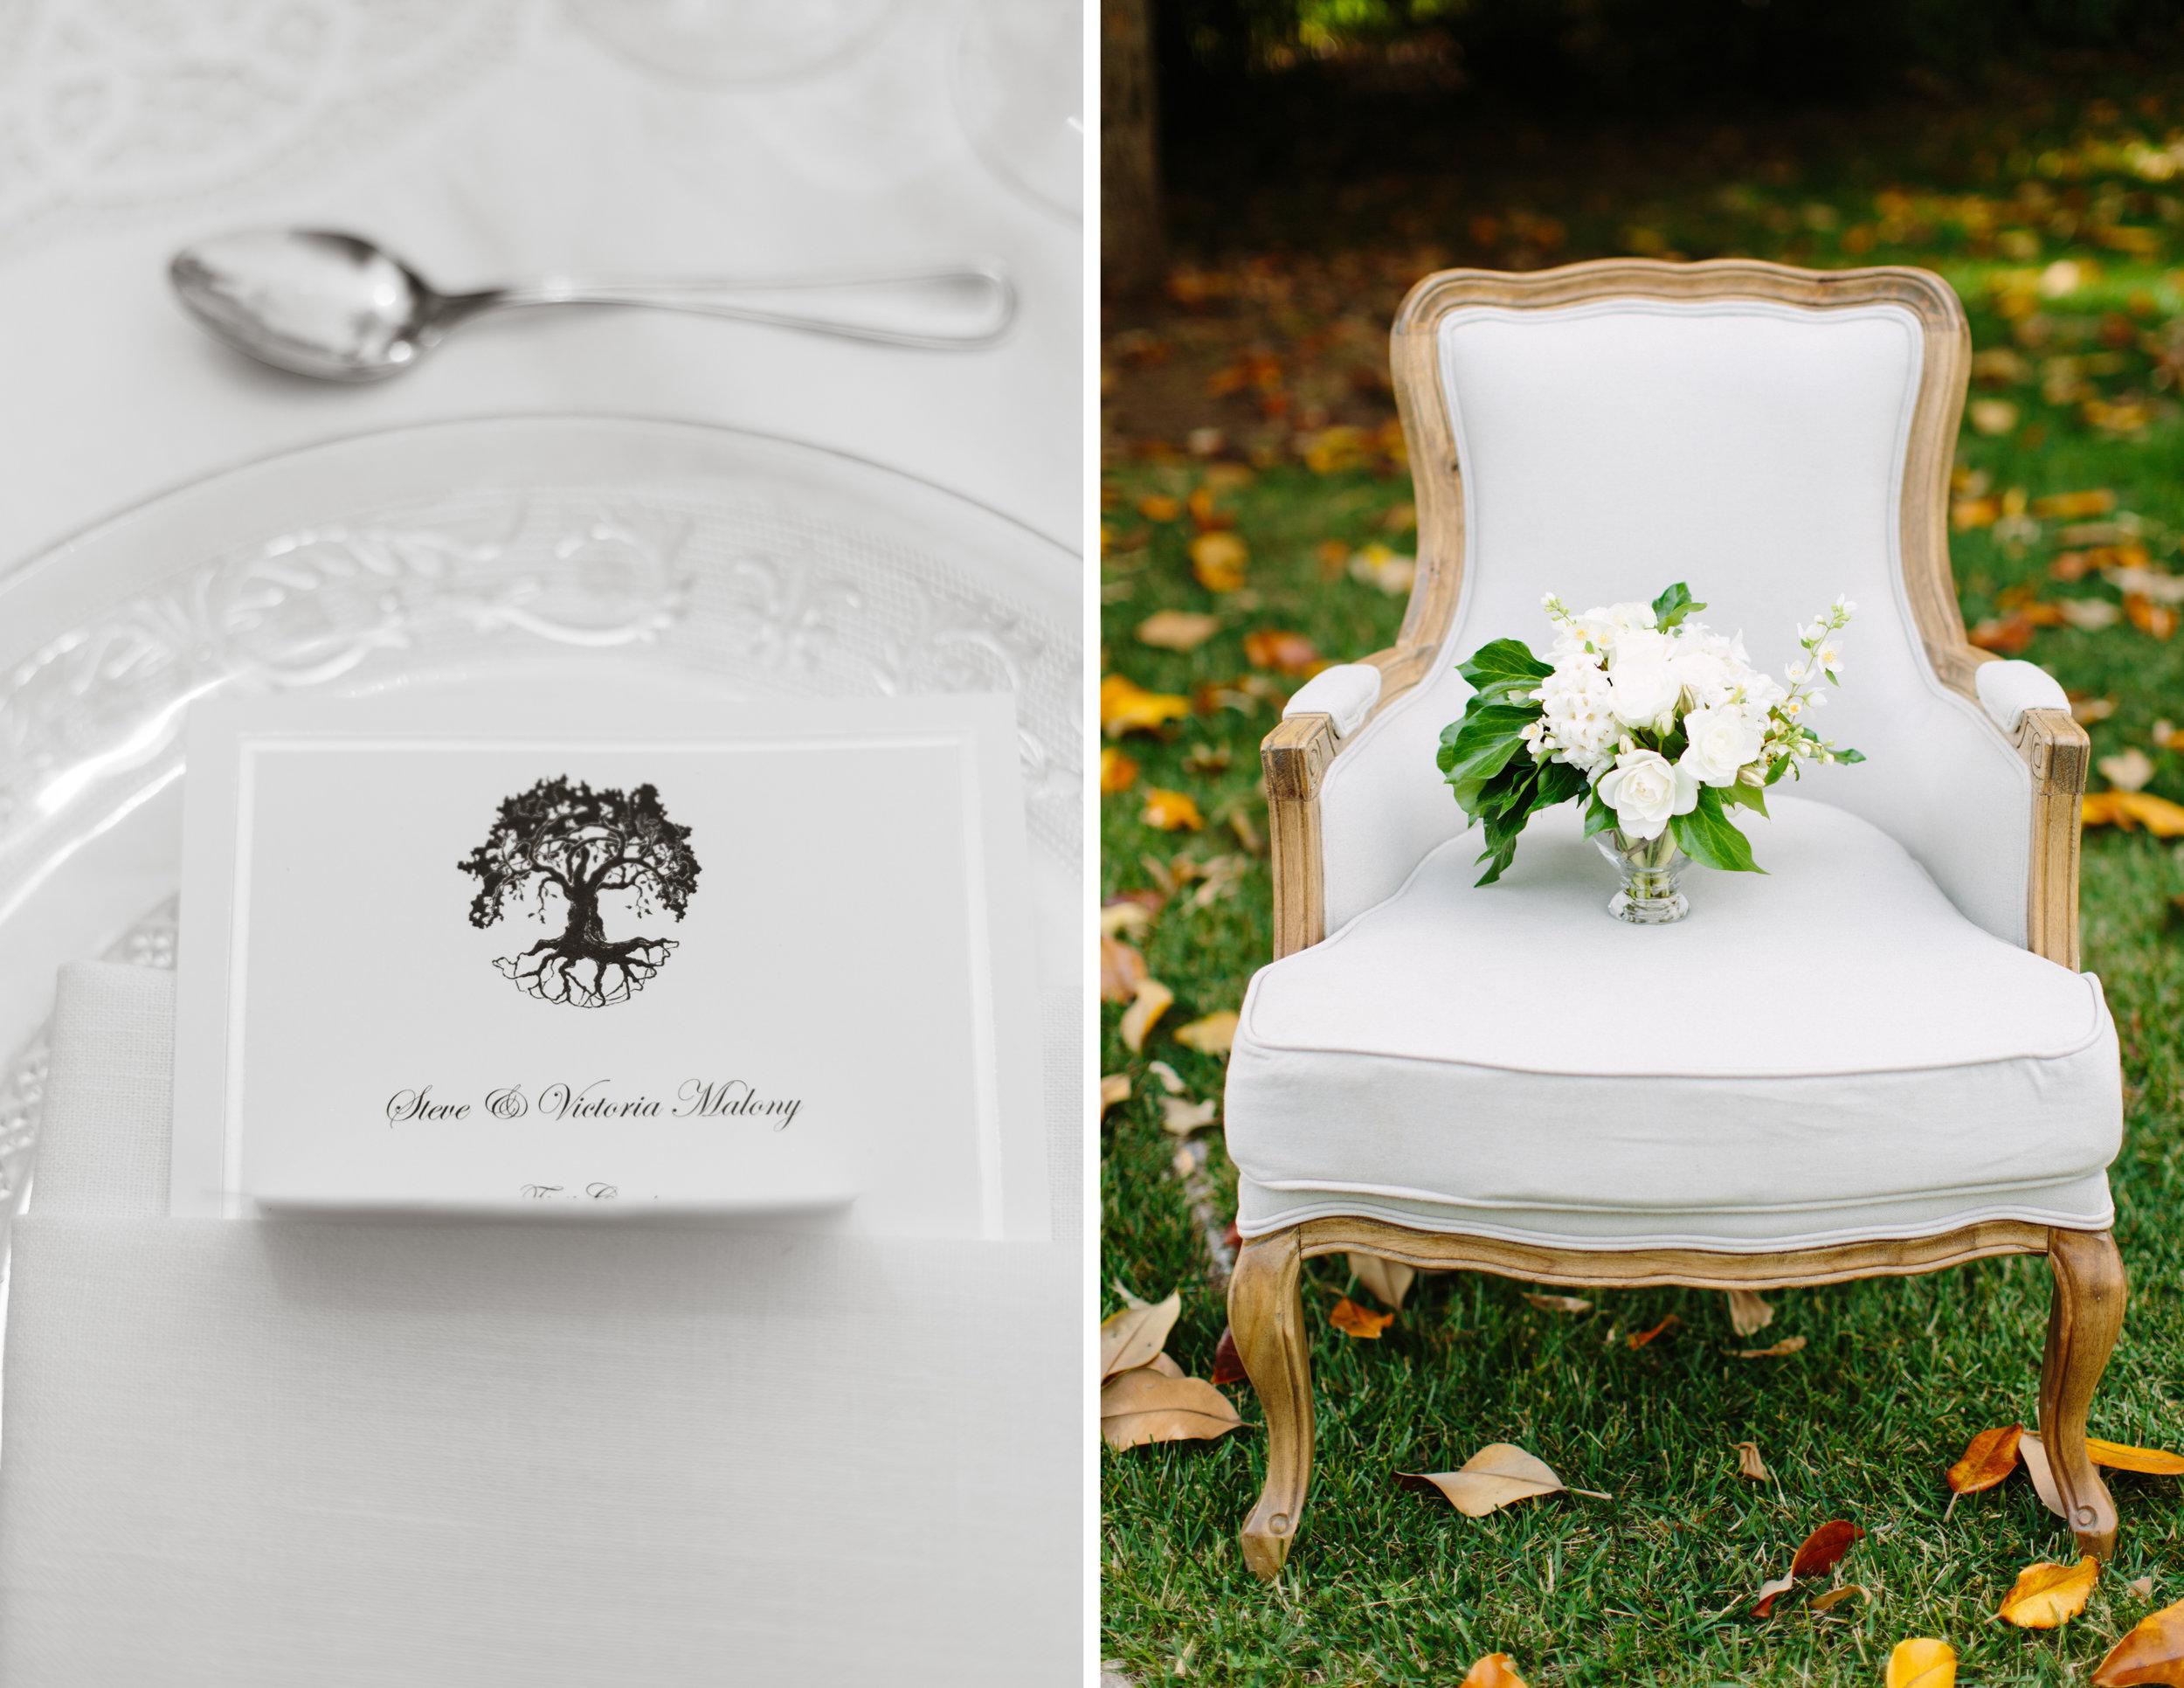 annadel estate winery wedding 15.jpg